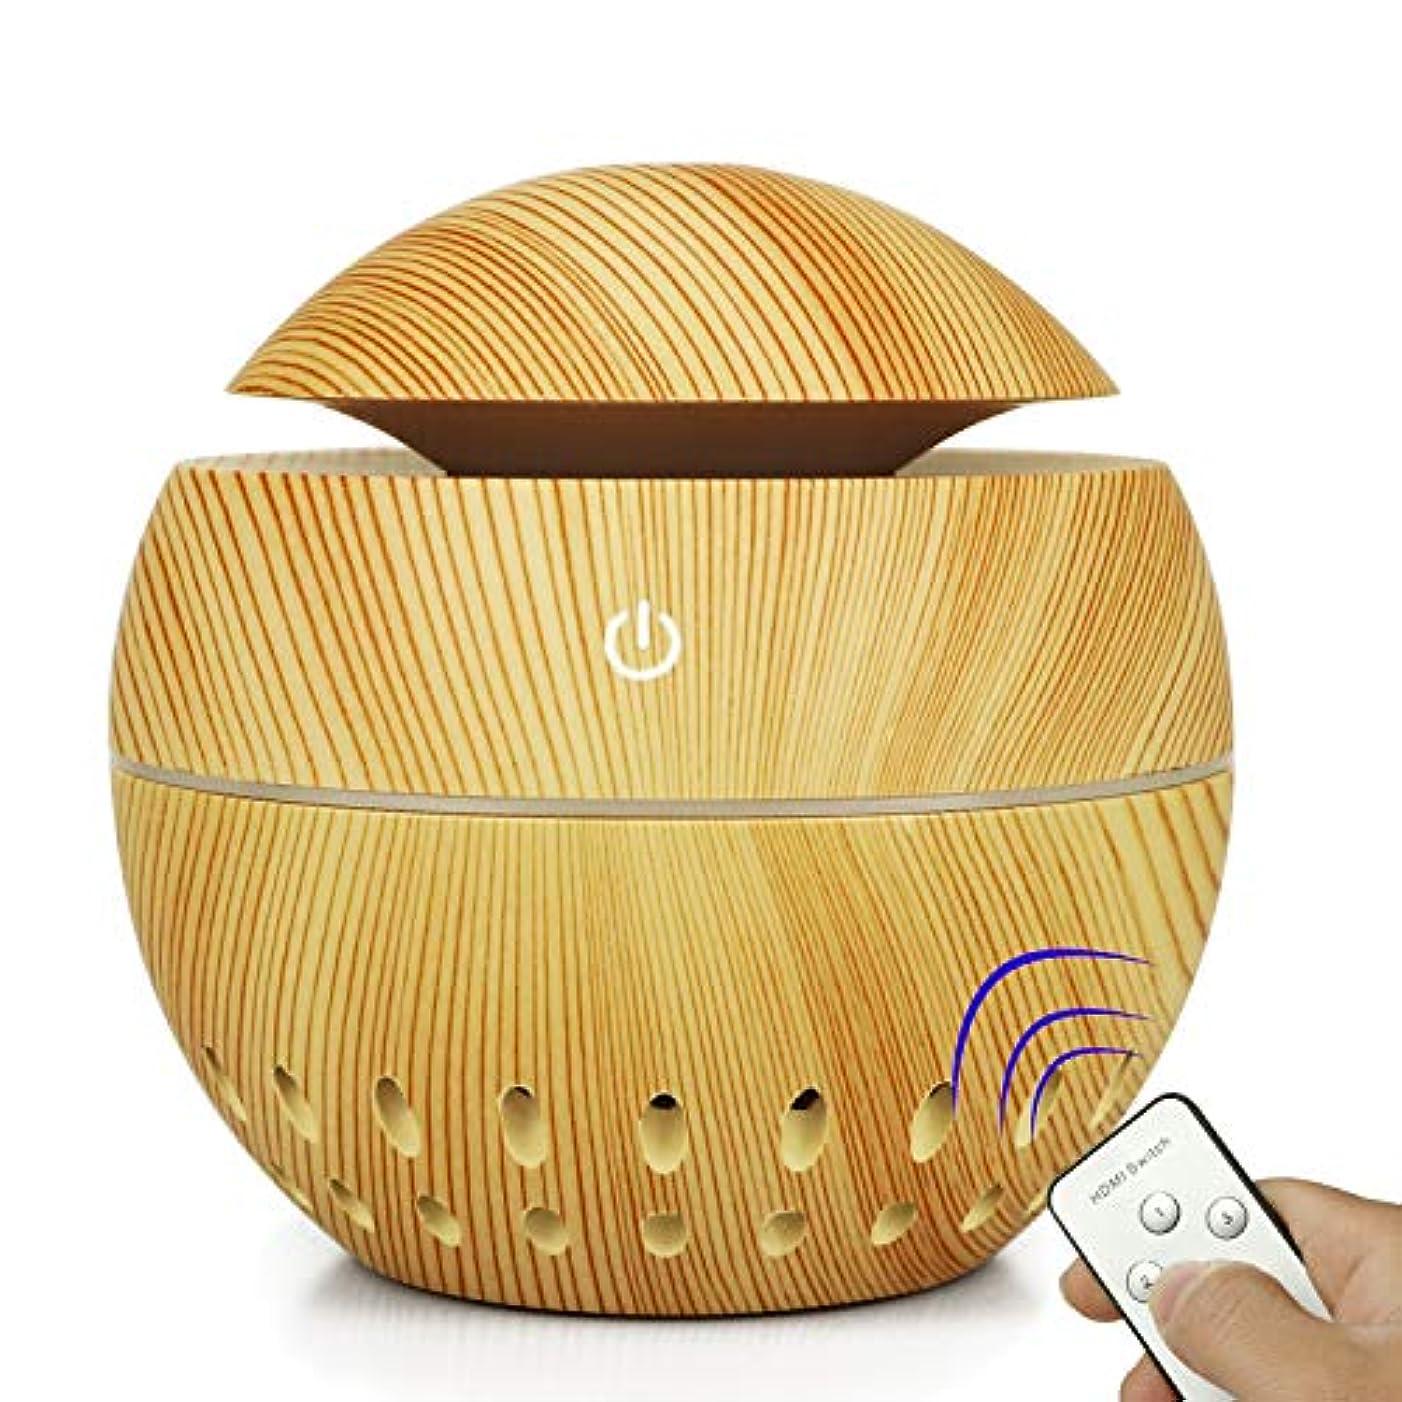 私達解決するアグネスグレイ加湿器USBウッドグレイン中空加湿器きのこ総本店小型家電 (Color : Brass, Size : 100MM*105MM)